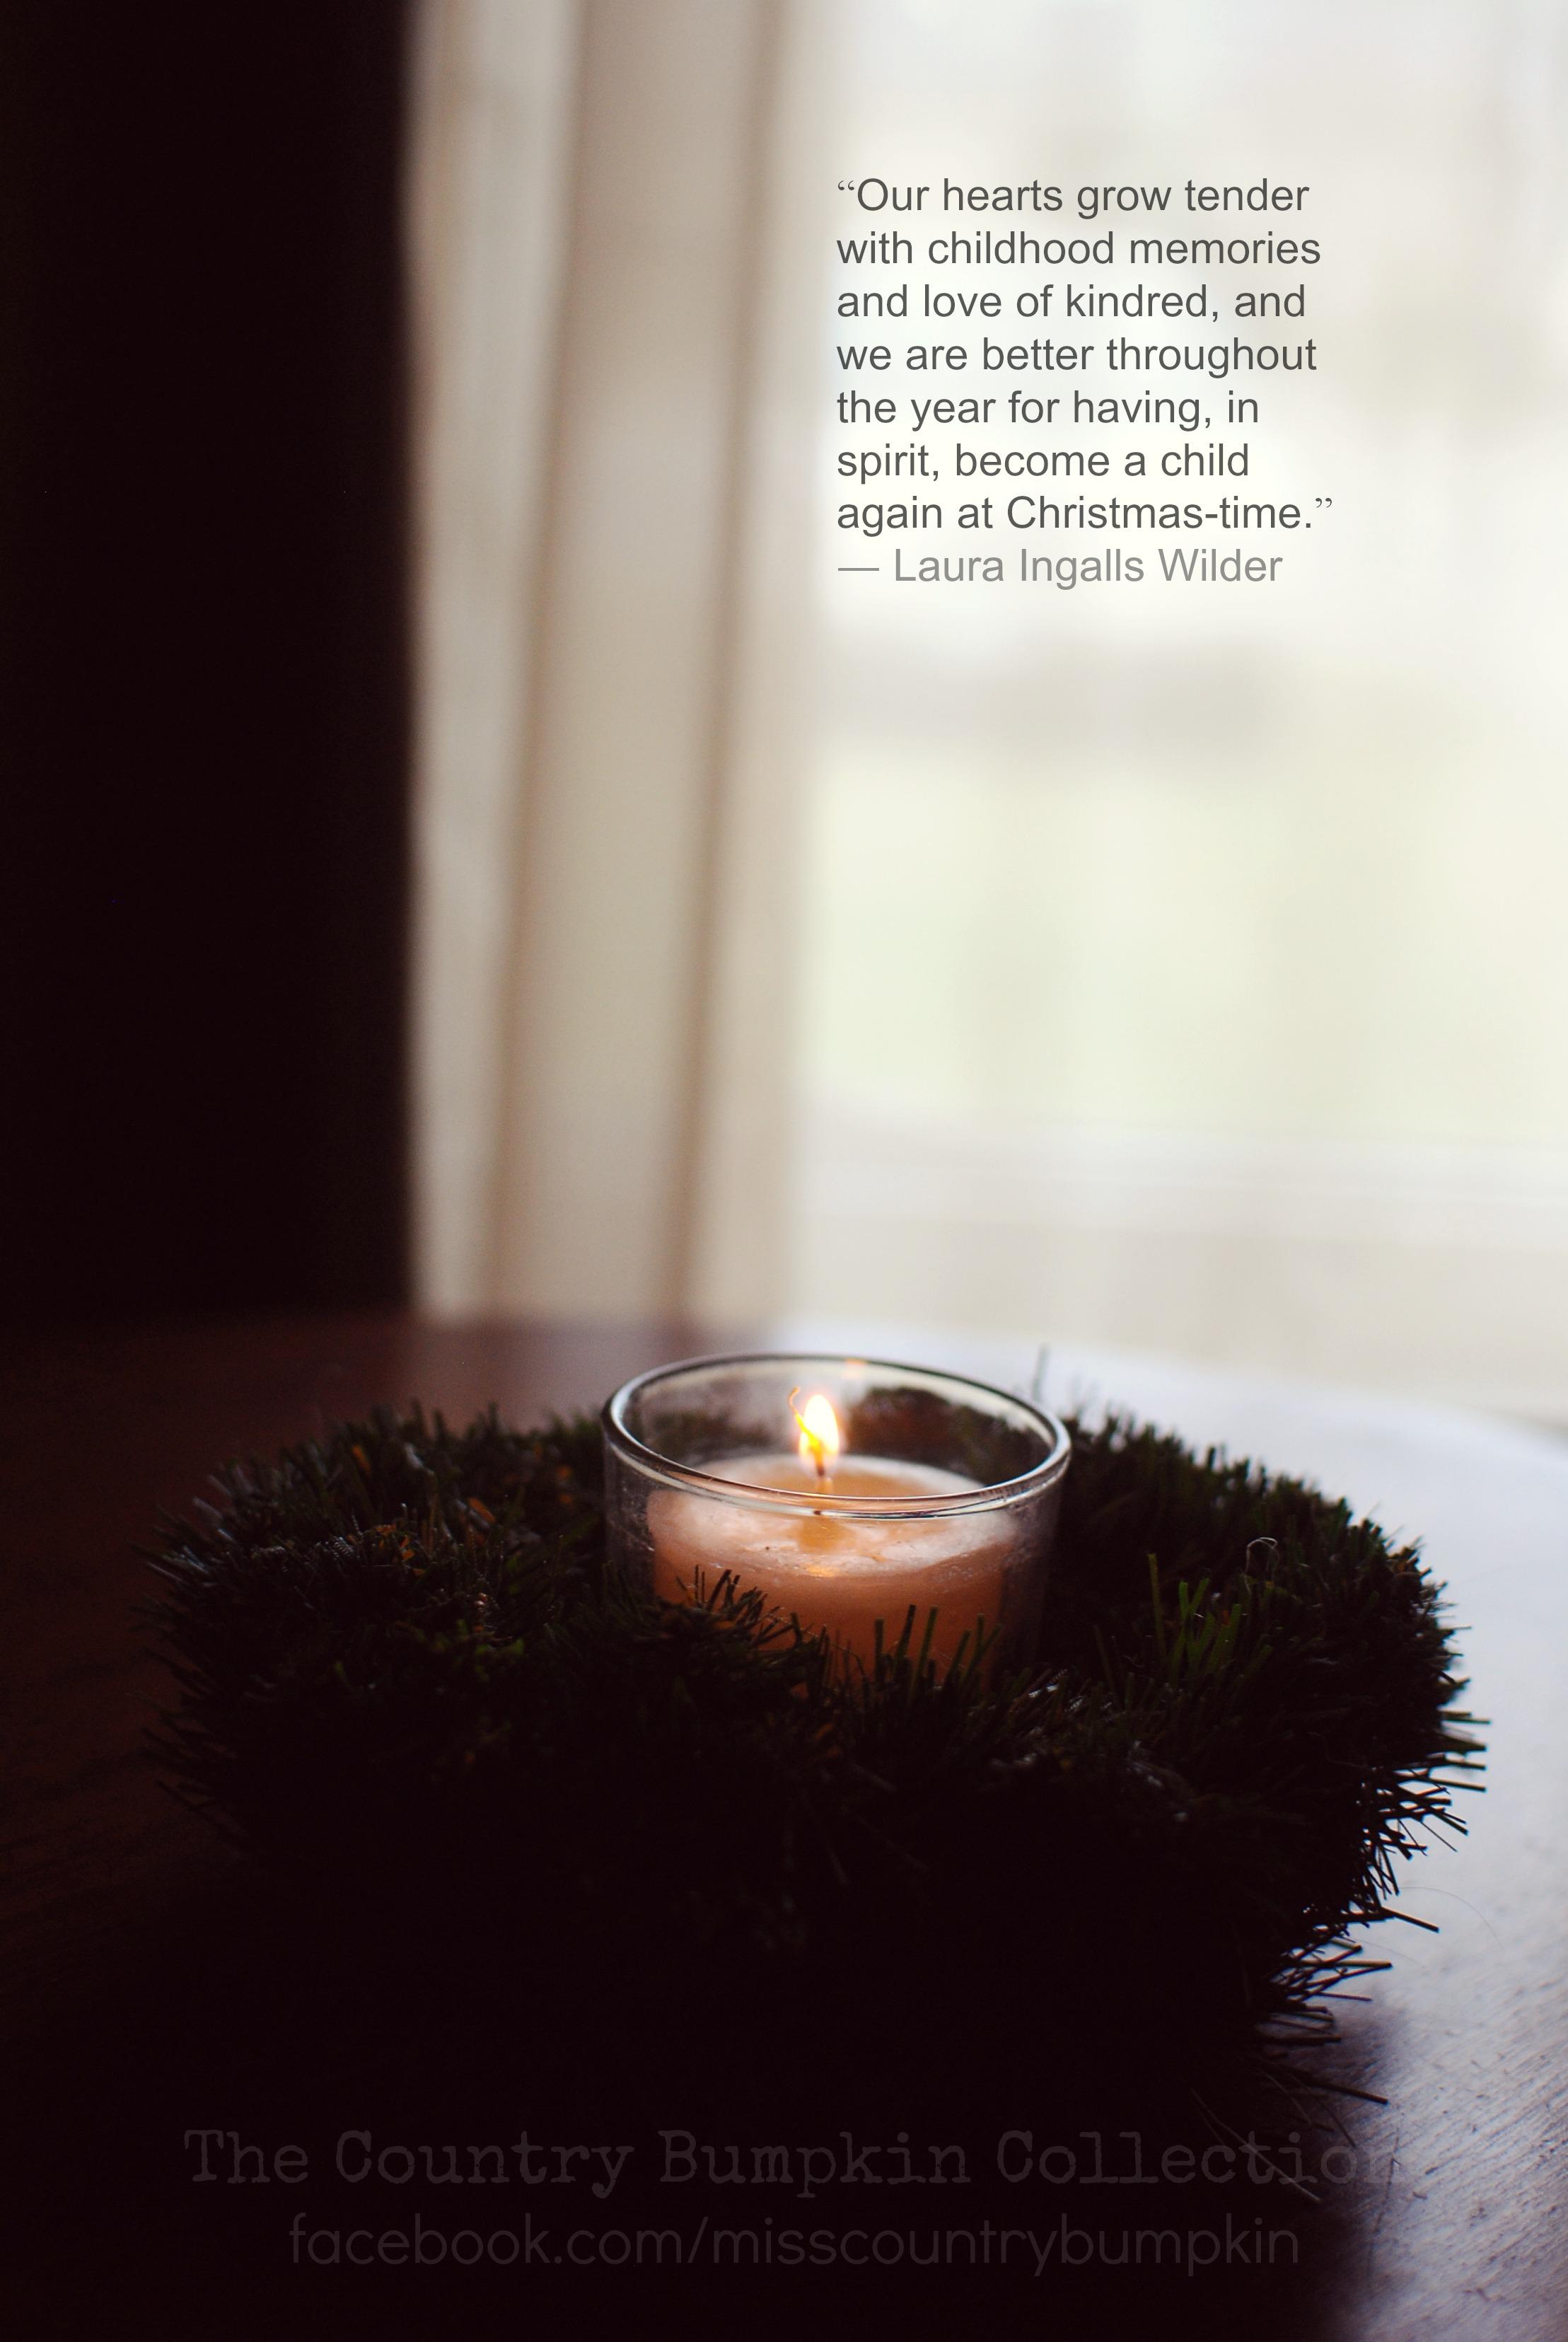 Christmas Memories Quotes. QuotesGram